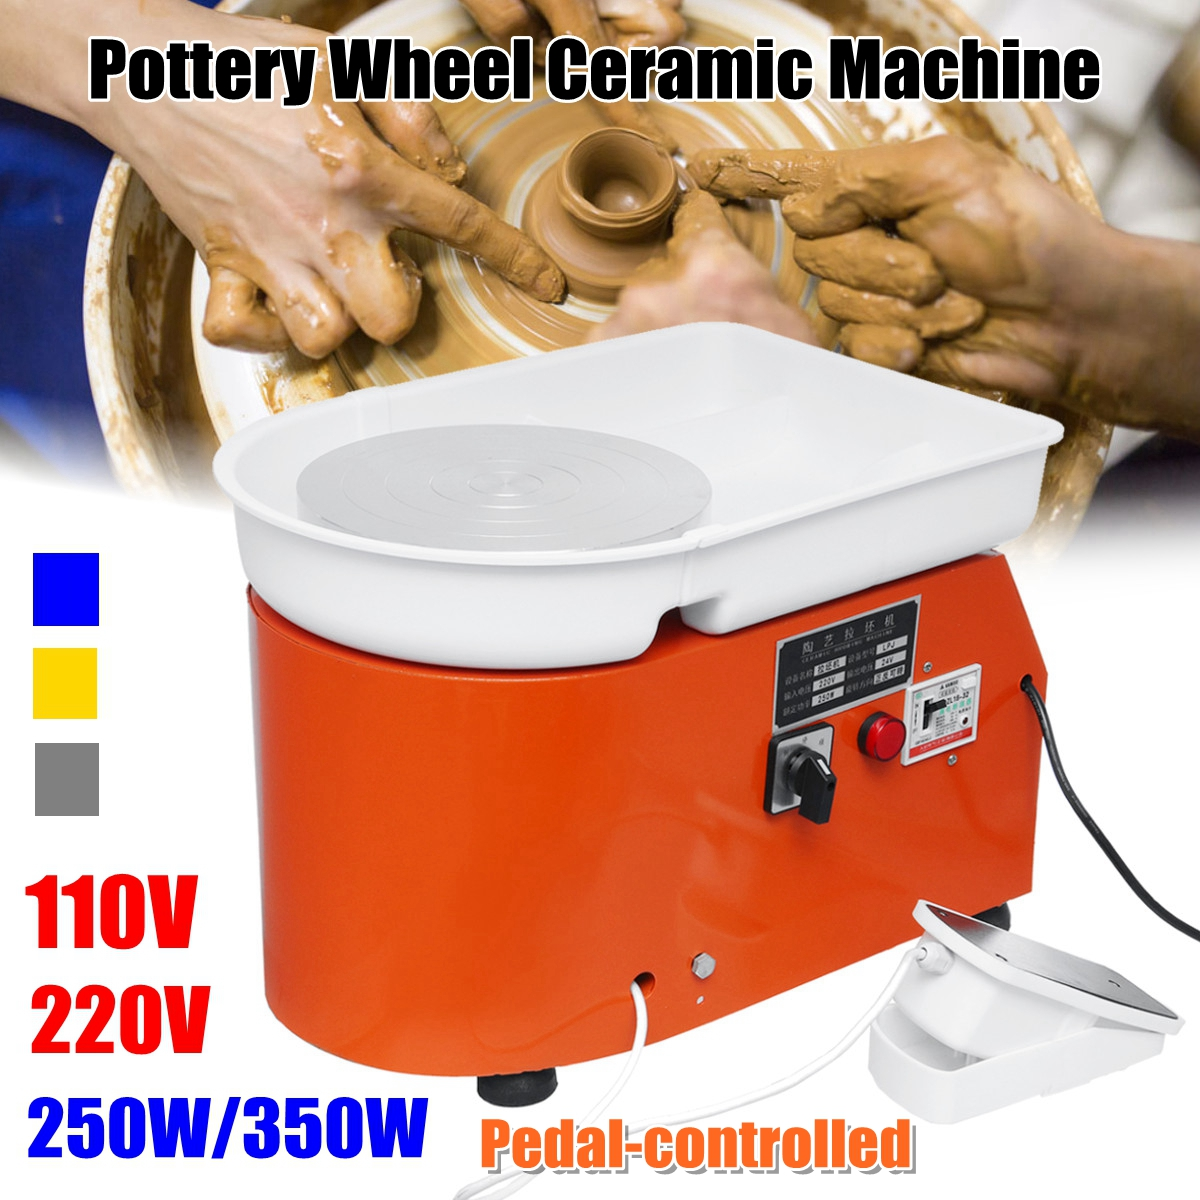 250 w/350 w Électrique Visites Roue Poterie Machine En Céramique D'argile Potter Art Pour Travail En Céramique 110 v/ 220 v